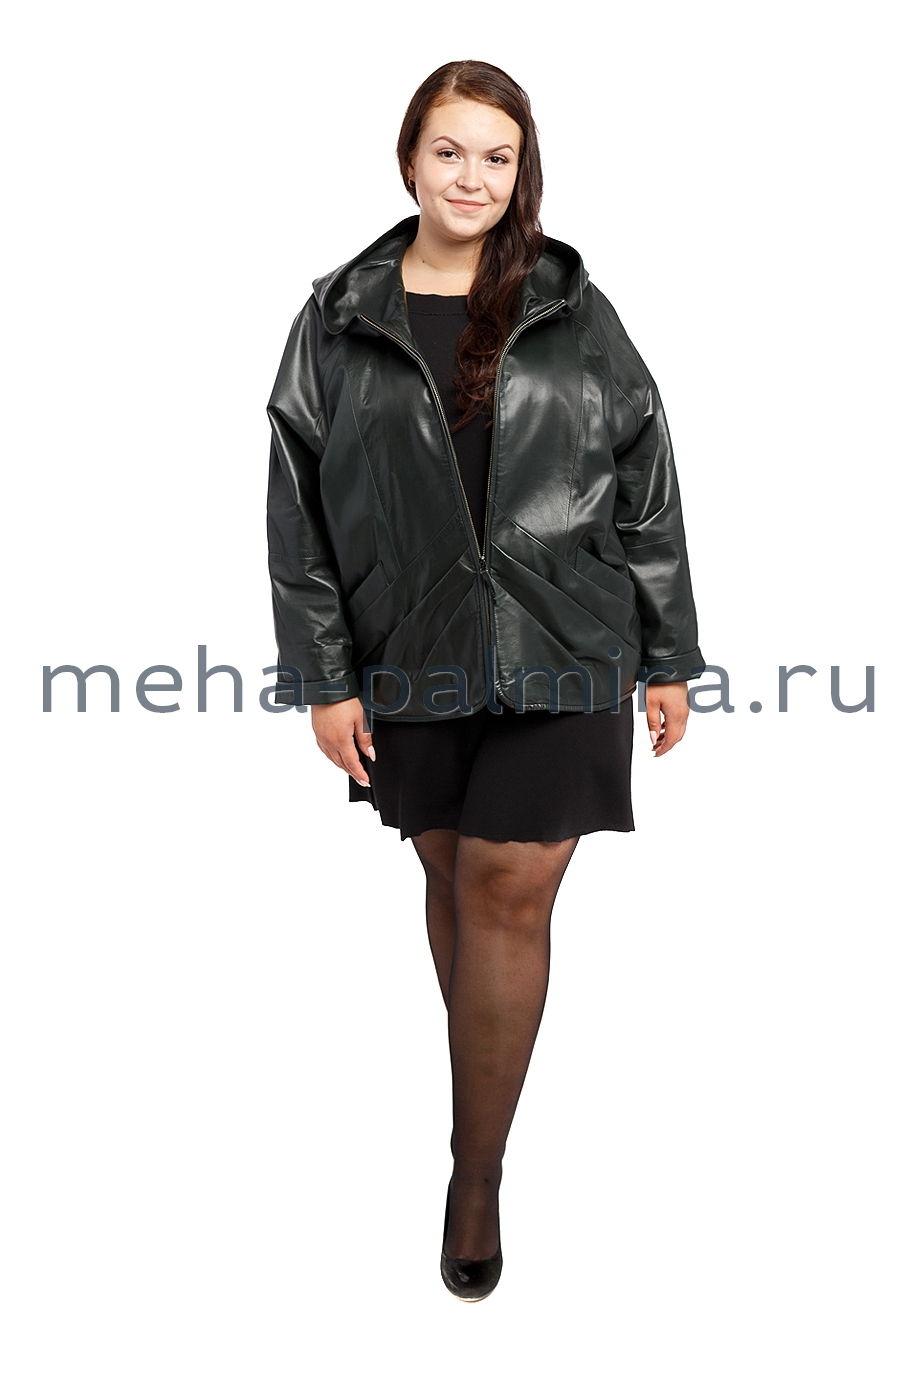 Кожаная куртка большого размера для женщин